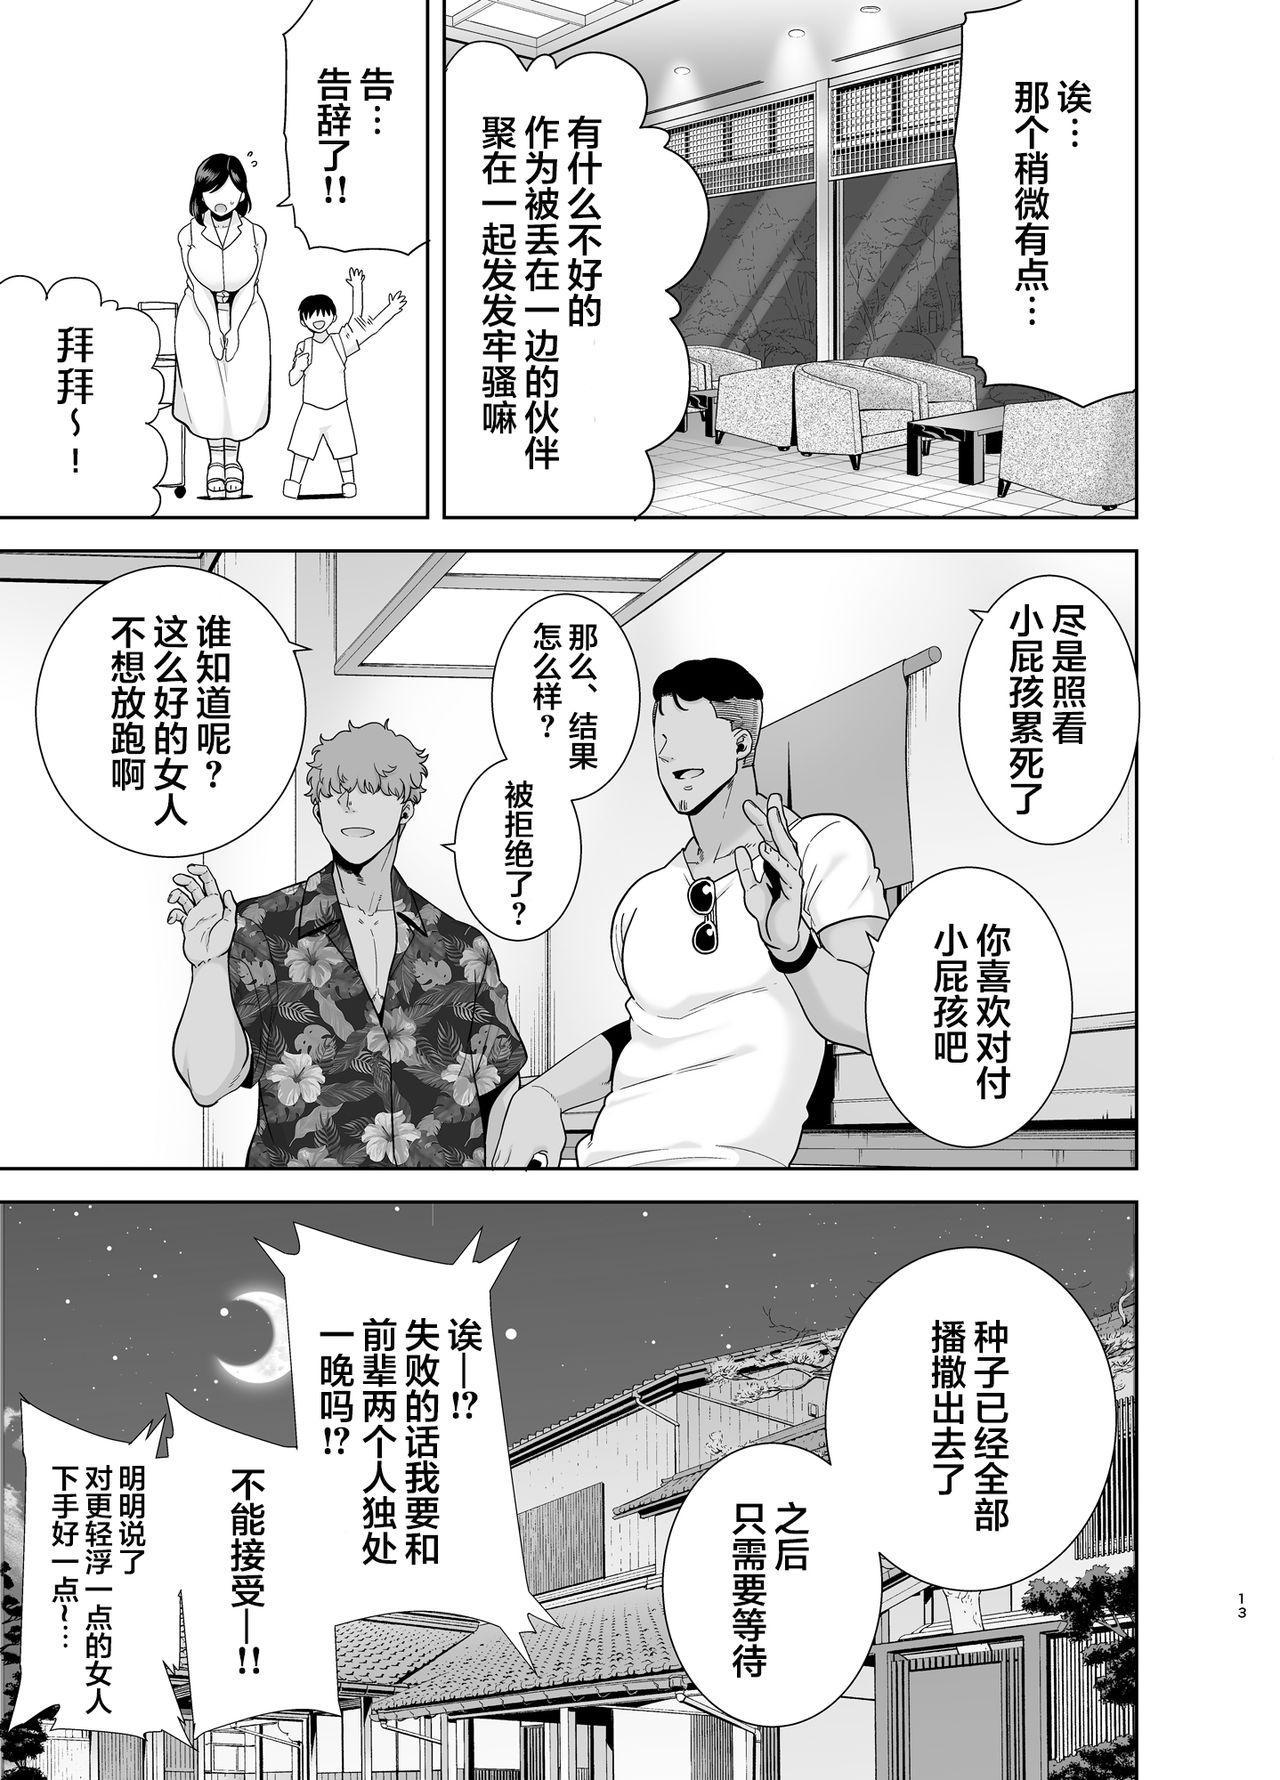 [DOLL PLAY (Kurosu Gatari)] Natsuzuma ~Natsu, Ryokan, Nanpa Otoko-tachi ni Ochita Tsuma~ Megane Nashi [Chinese] [翻车汉化组] 11